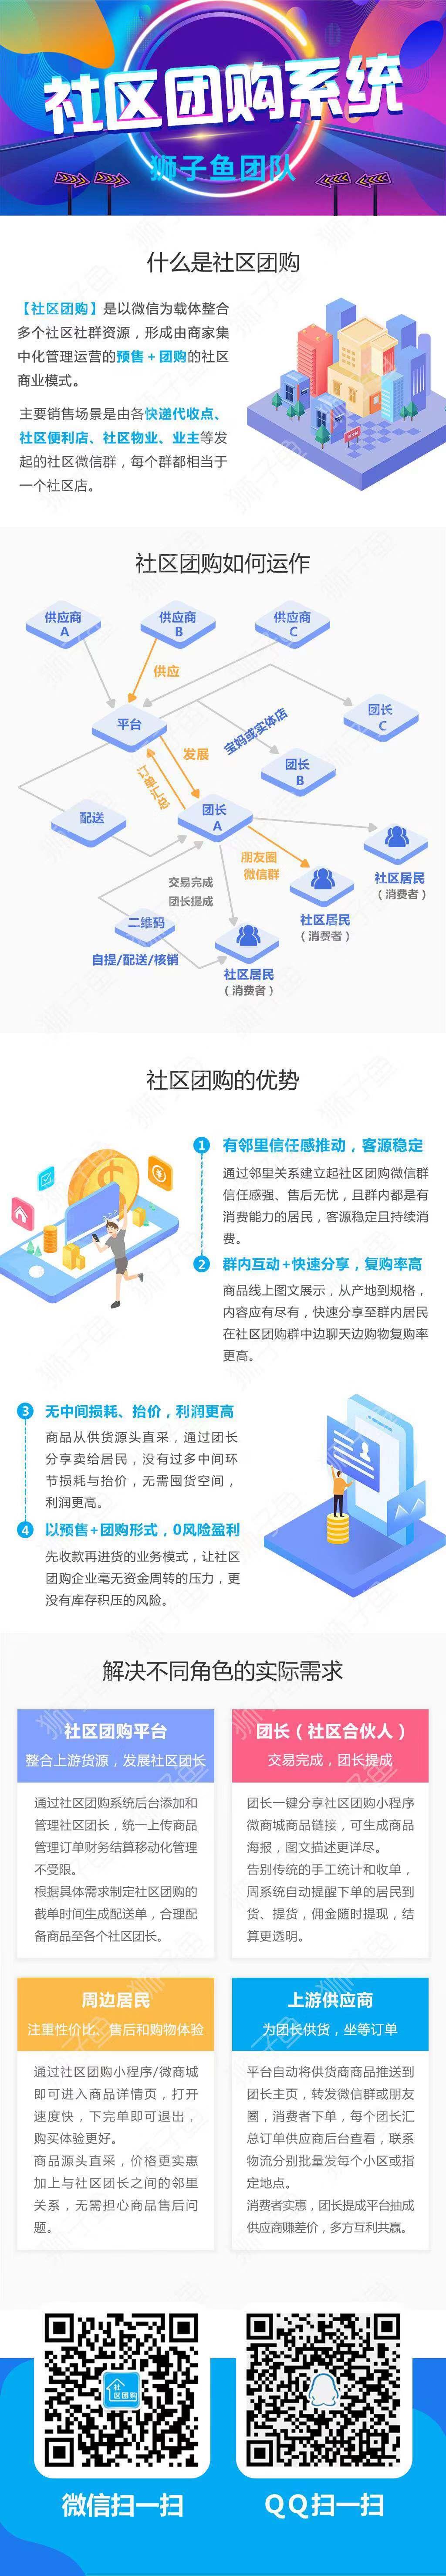 【小程序源码】狮子鱼社区团购小程序 V15.8.1商业版可运营–独立版(新增对接码科跑腿接口)-闲人源码